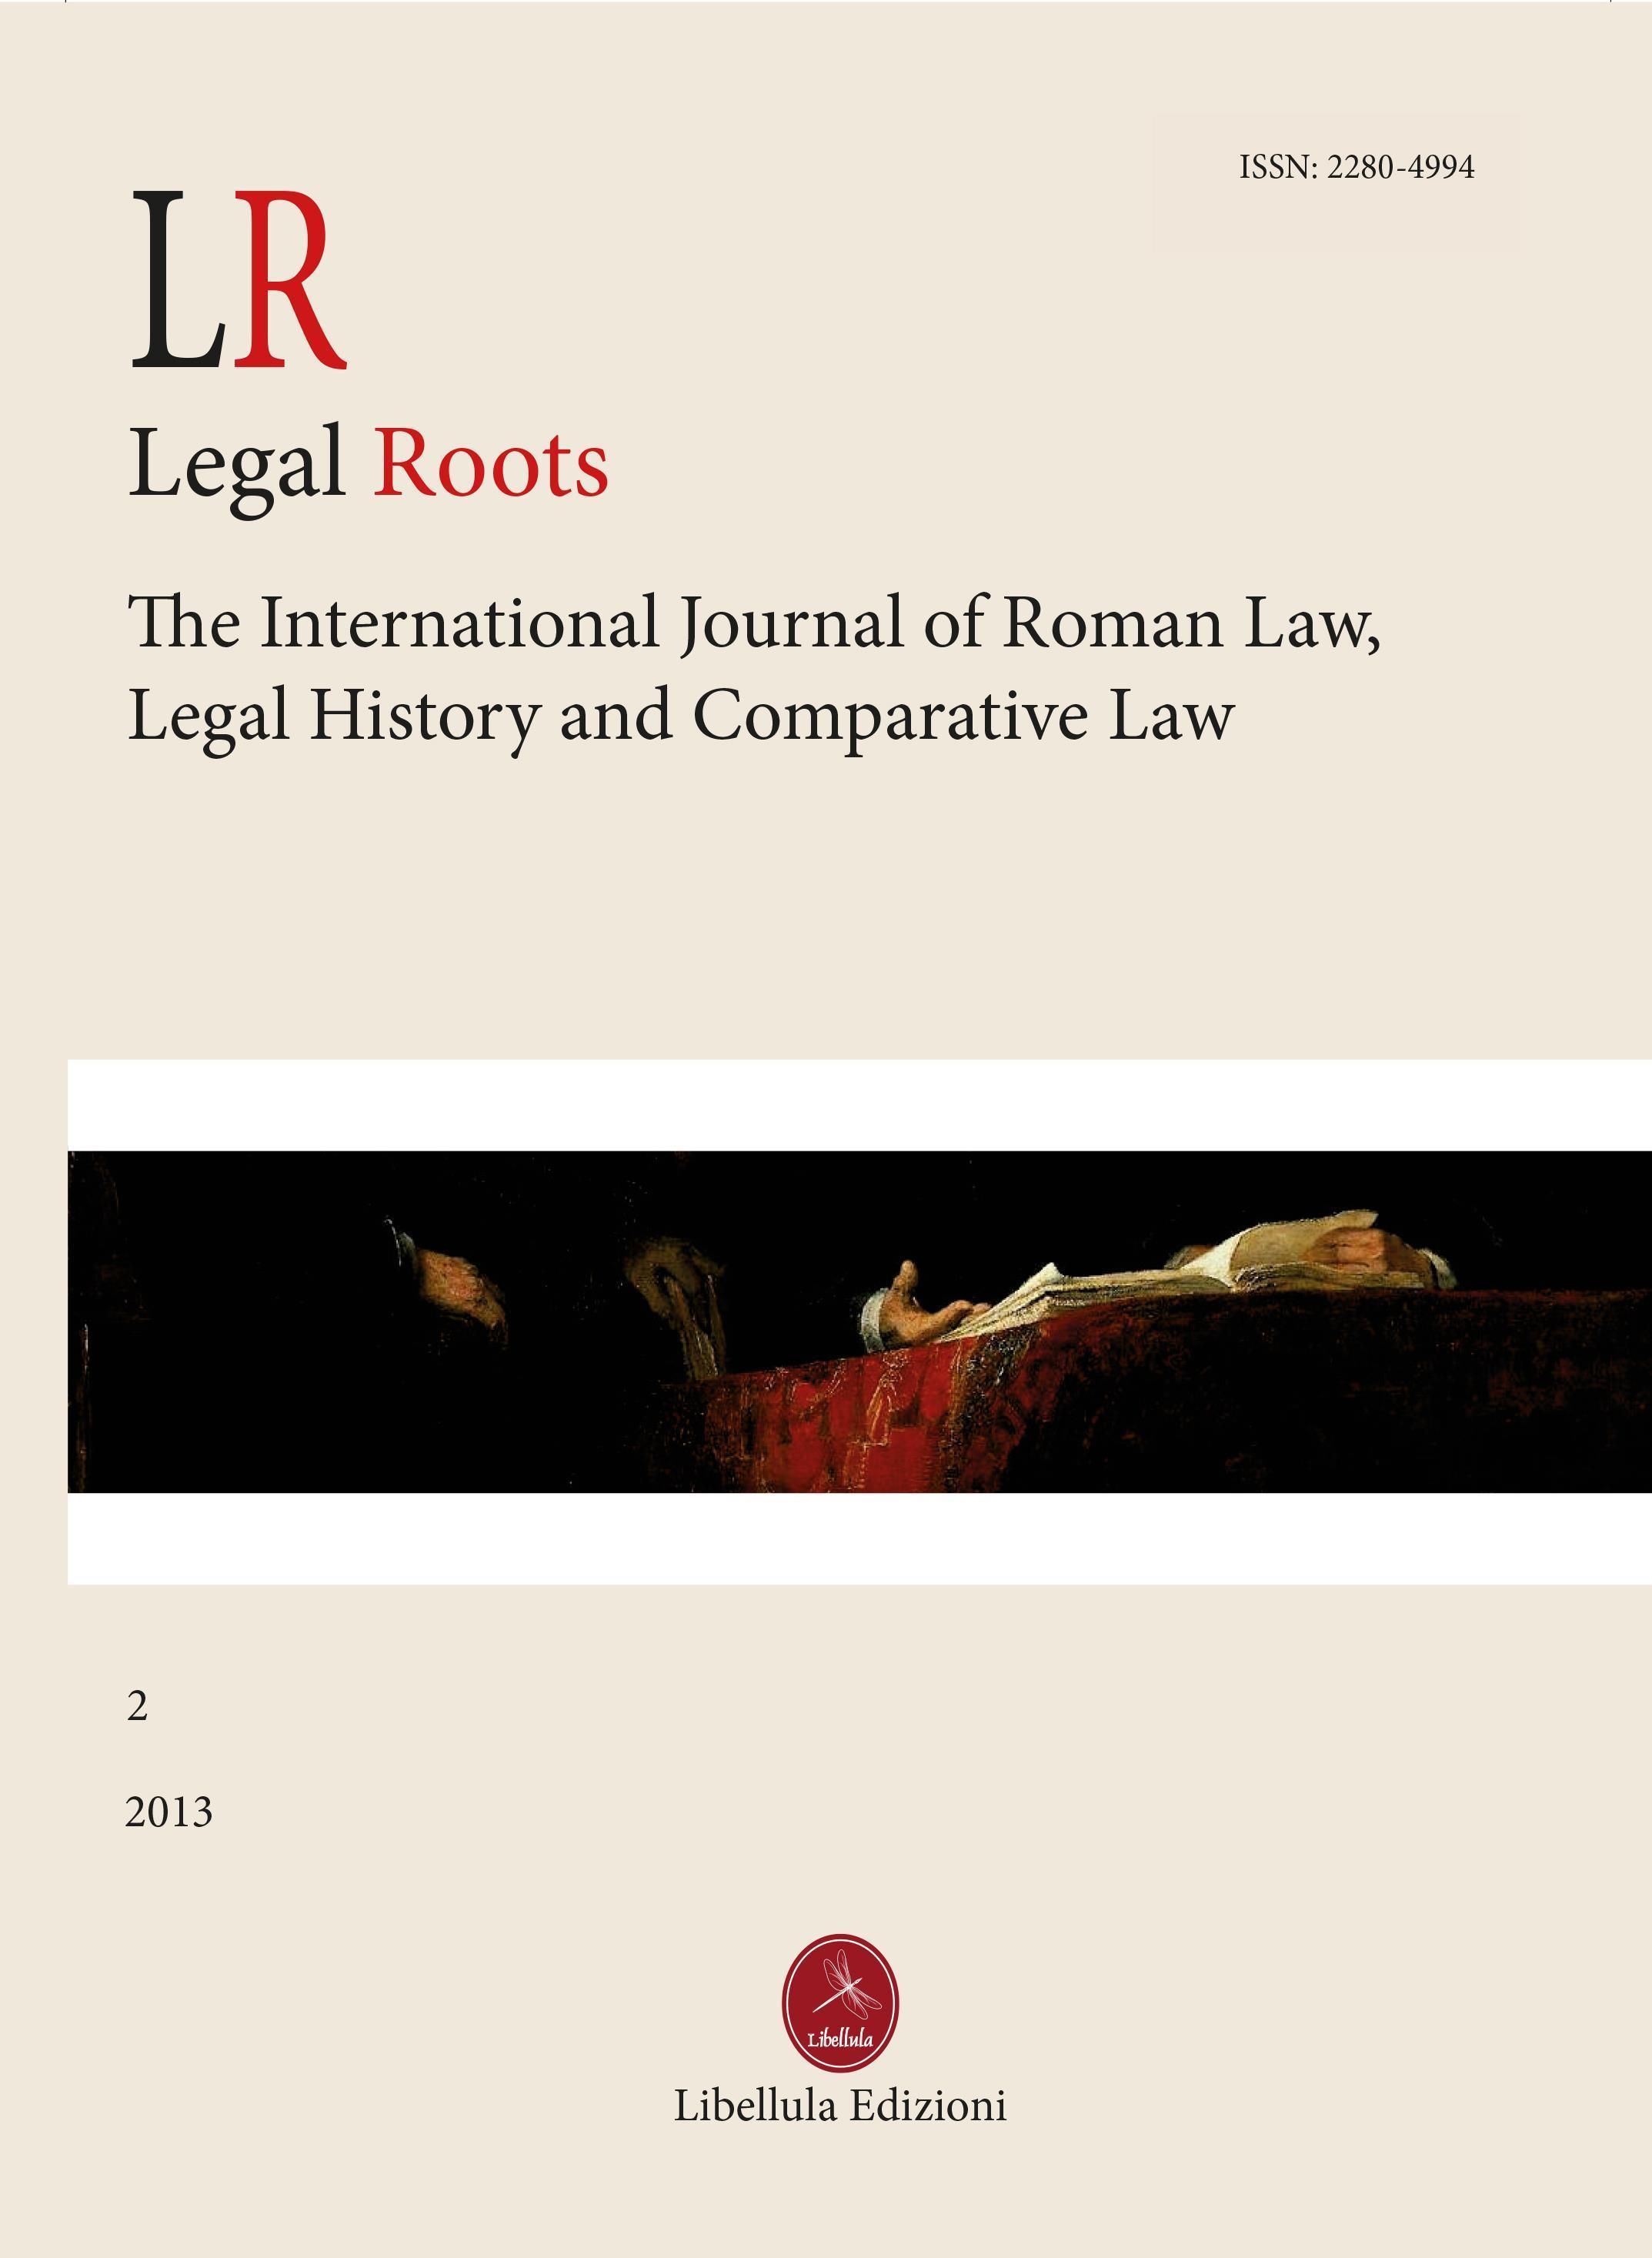 LR. Legal Roots Vol.2